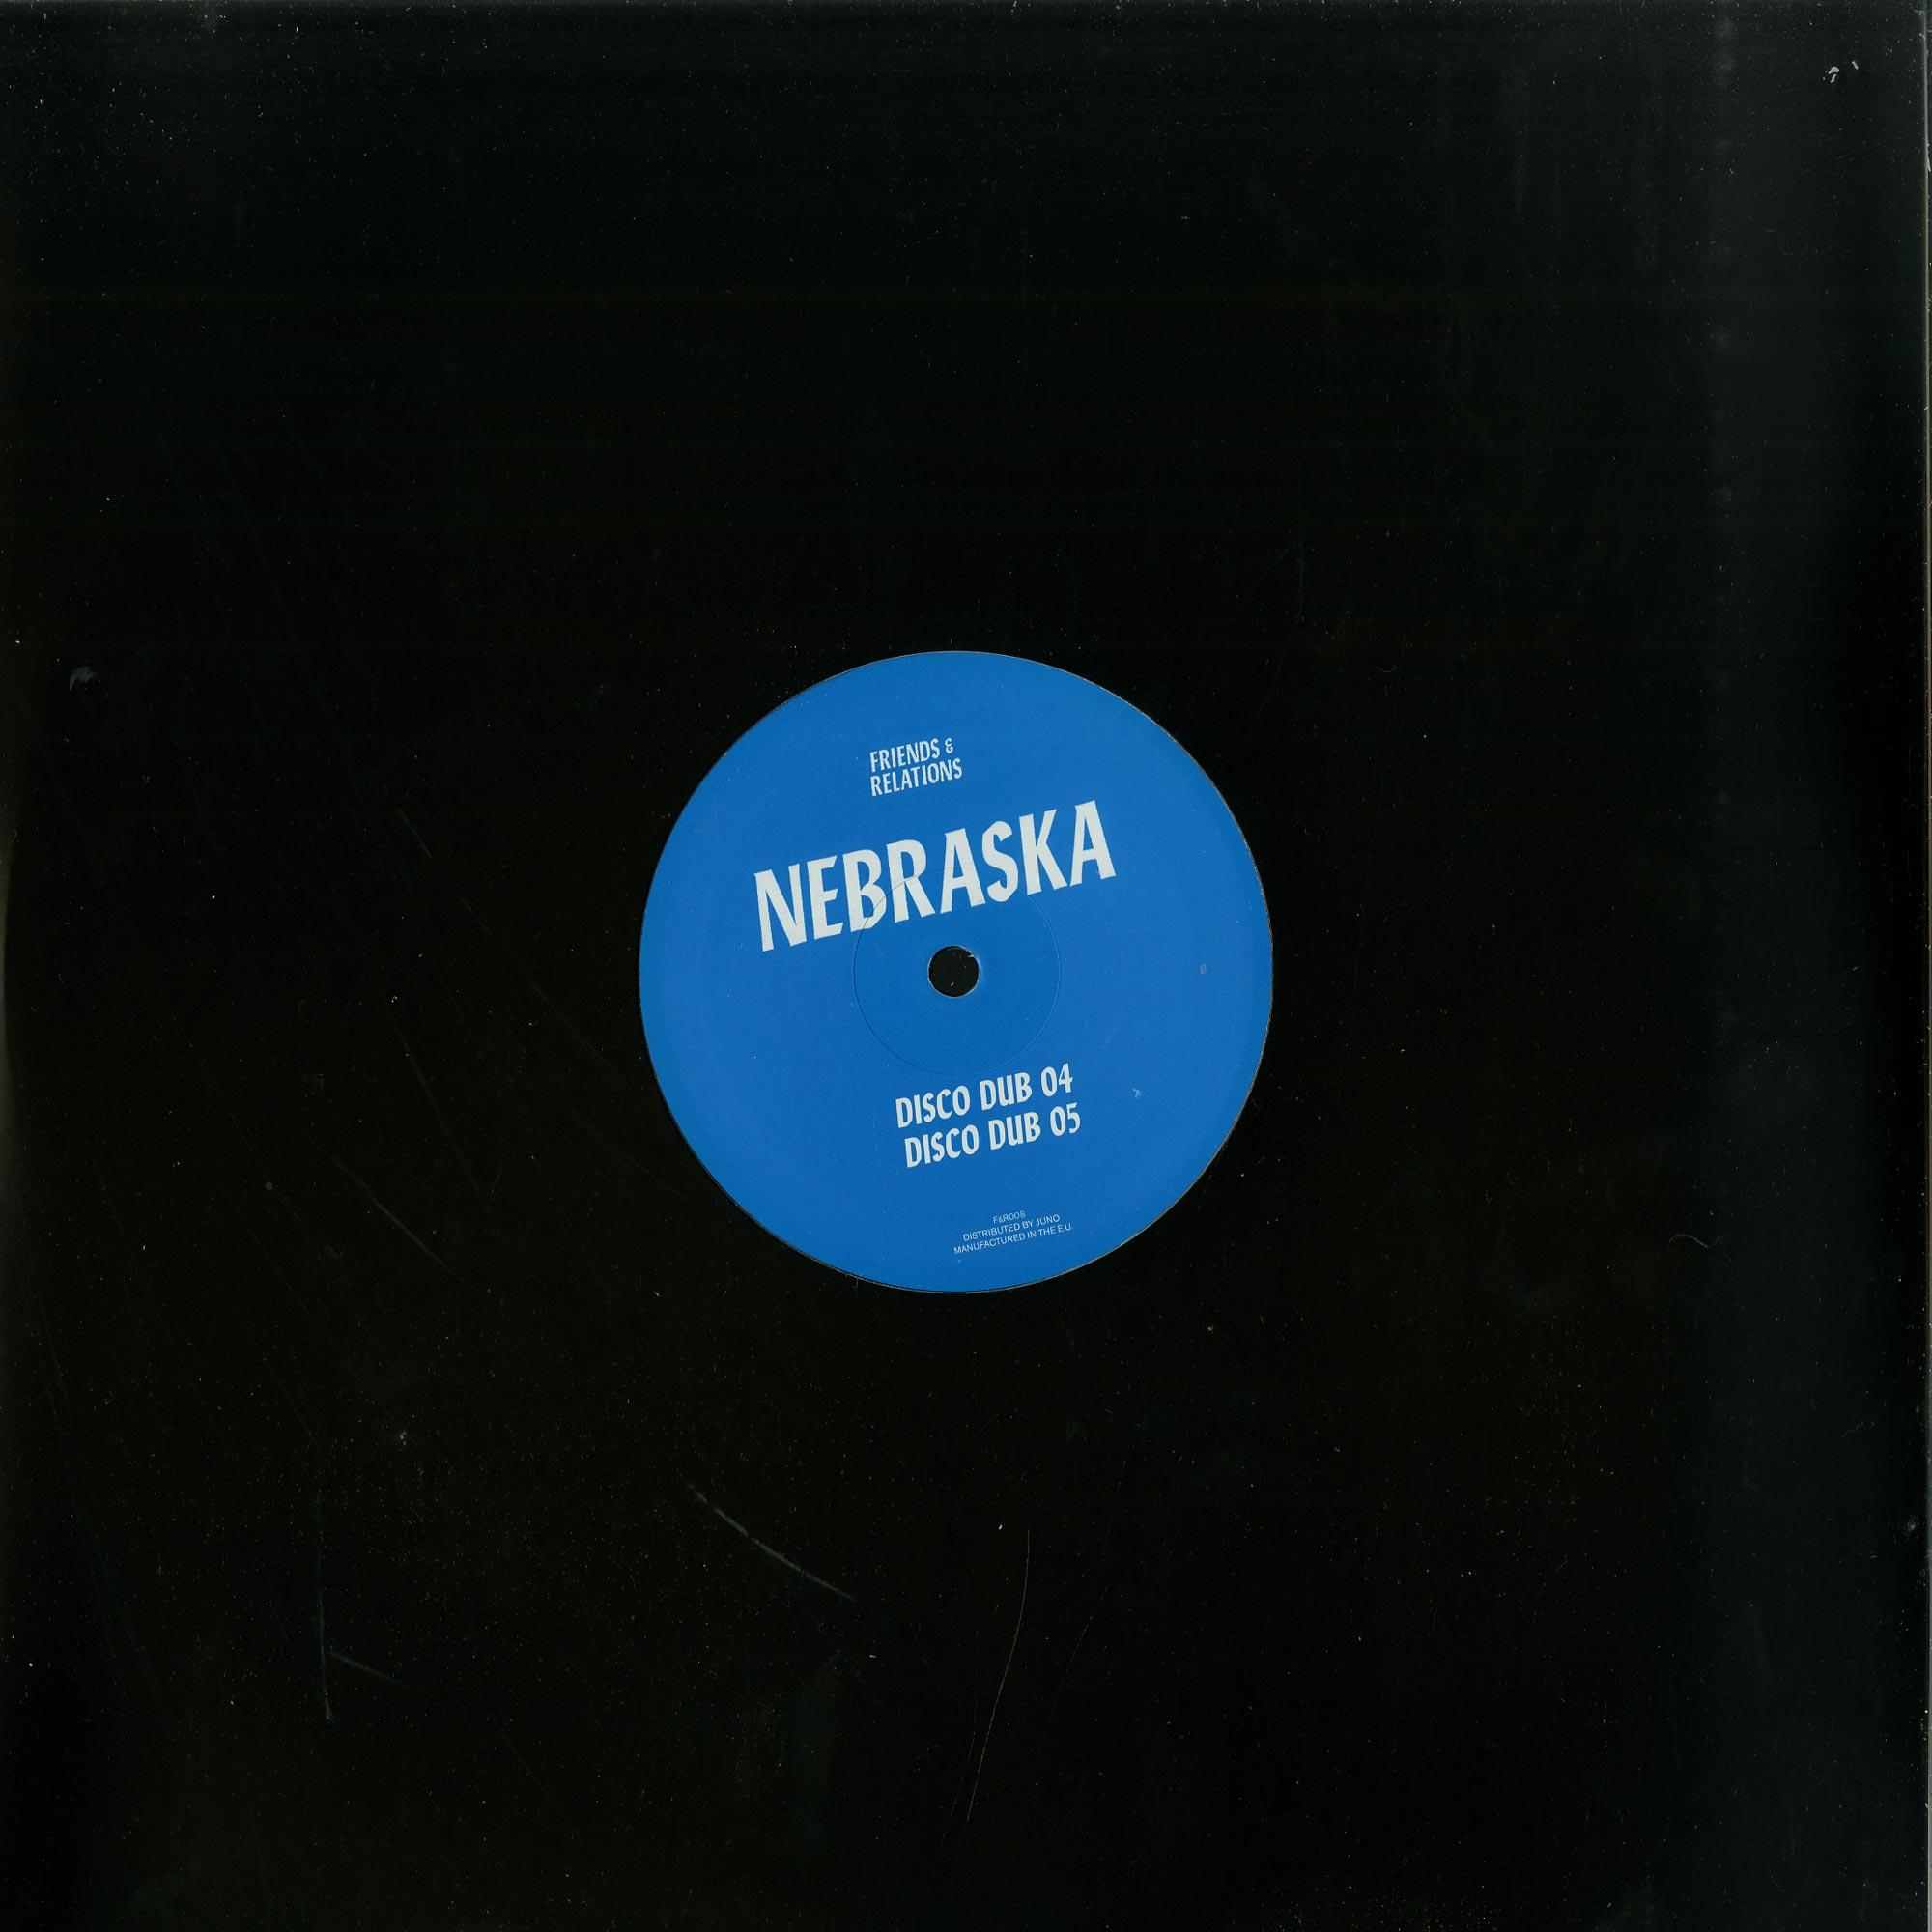 Nebraska - F&R008 DISCO DUBS VOL.2